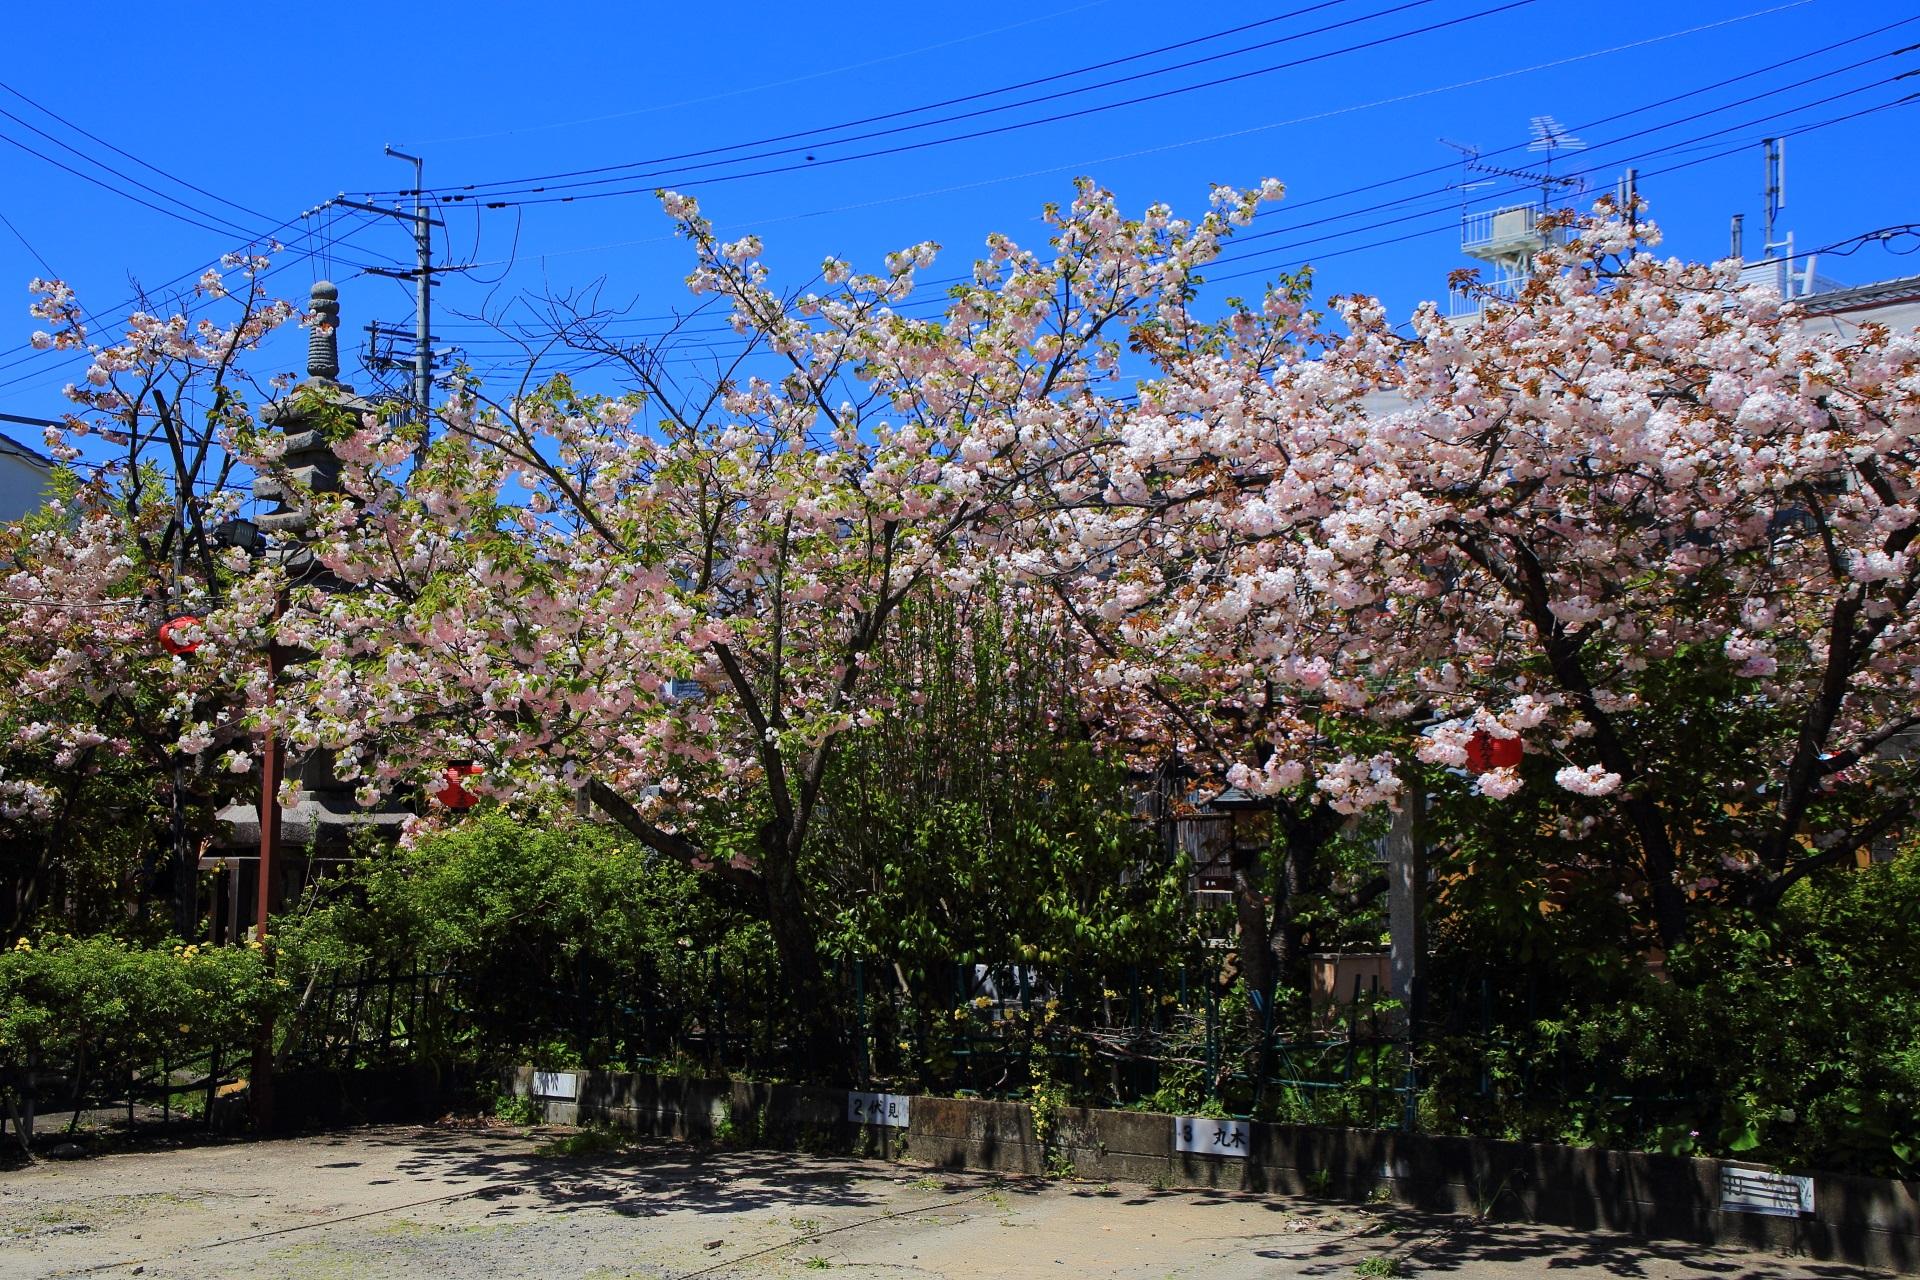 境内の北側(北西側)にある美しい八重桜